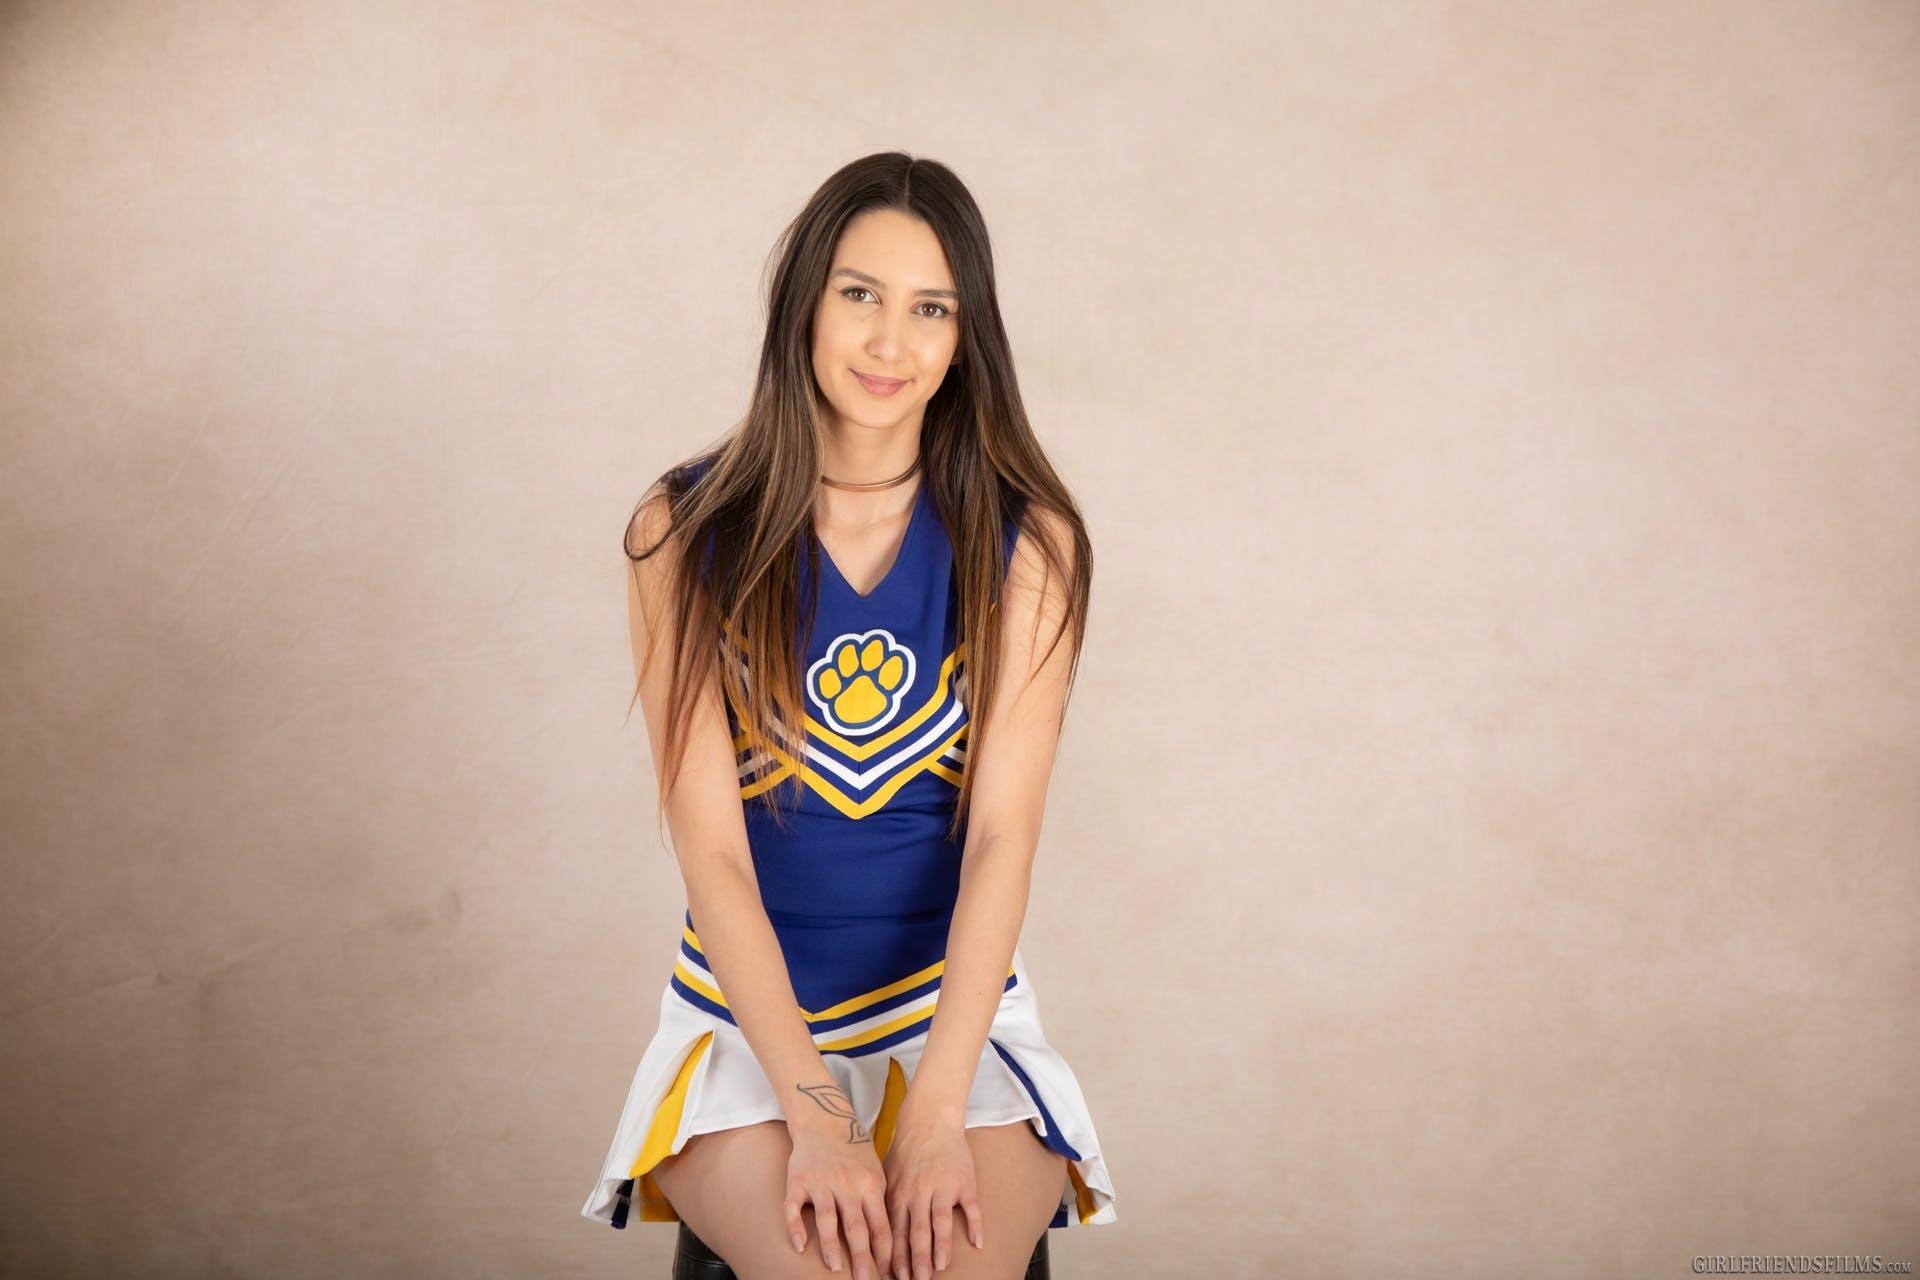 Andreina Deluxe smiling in her cheer uniform.